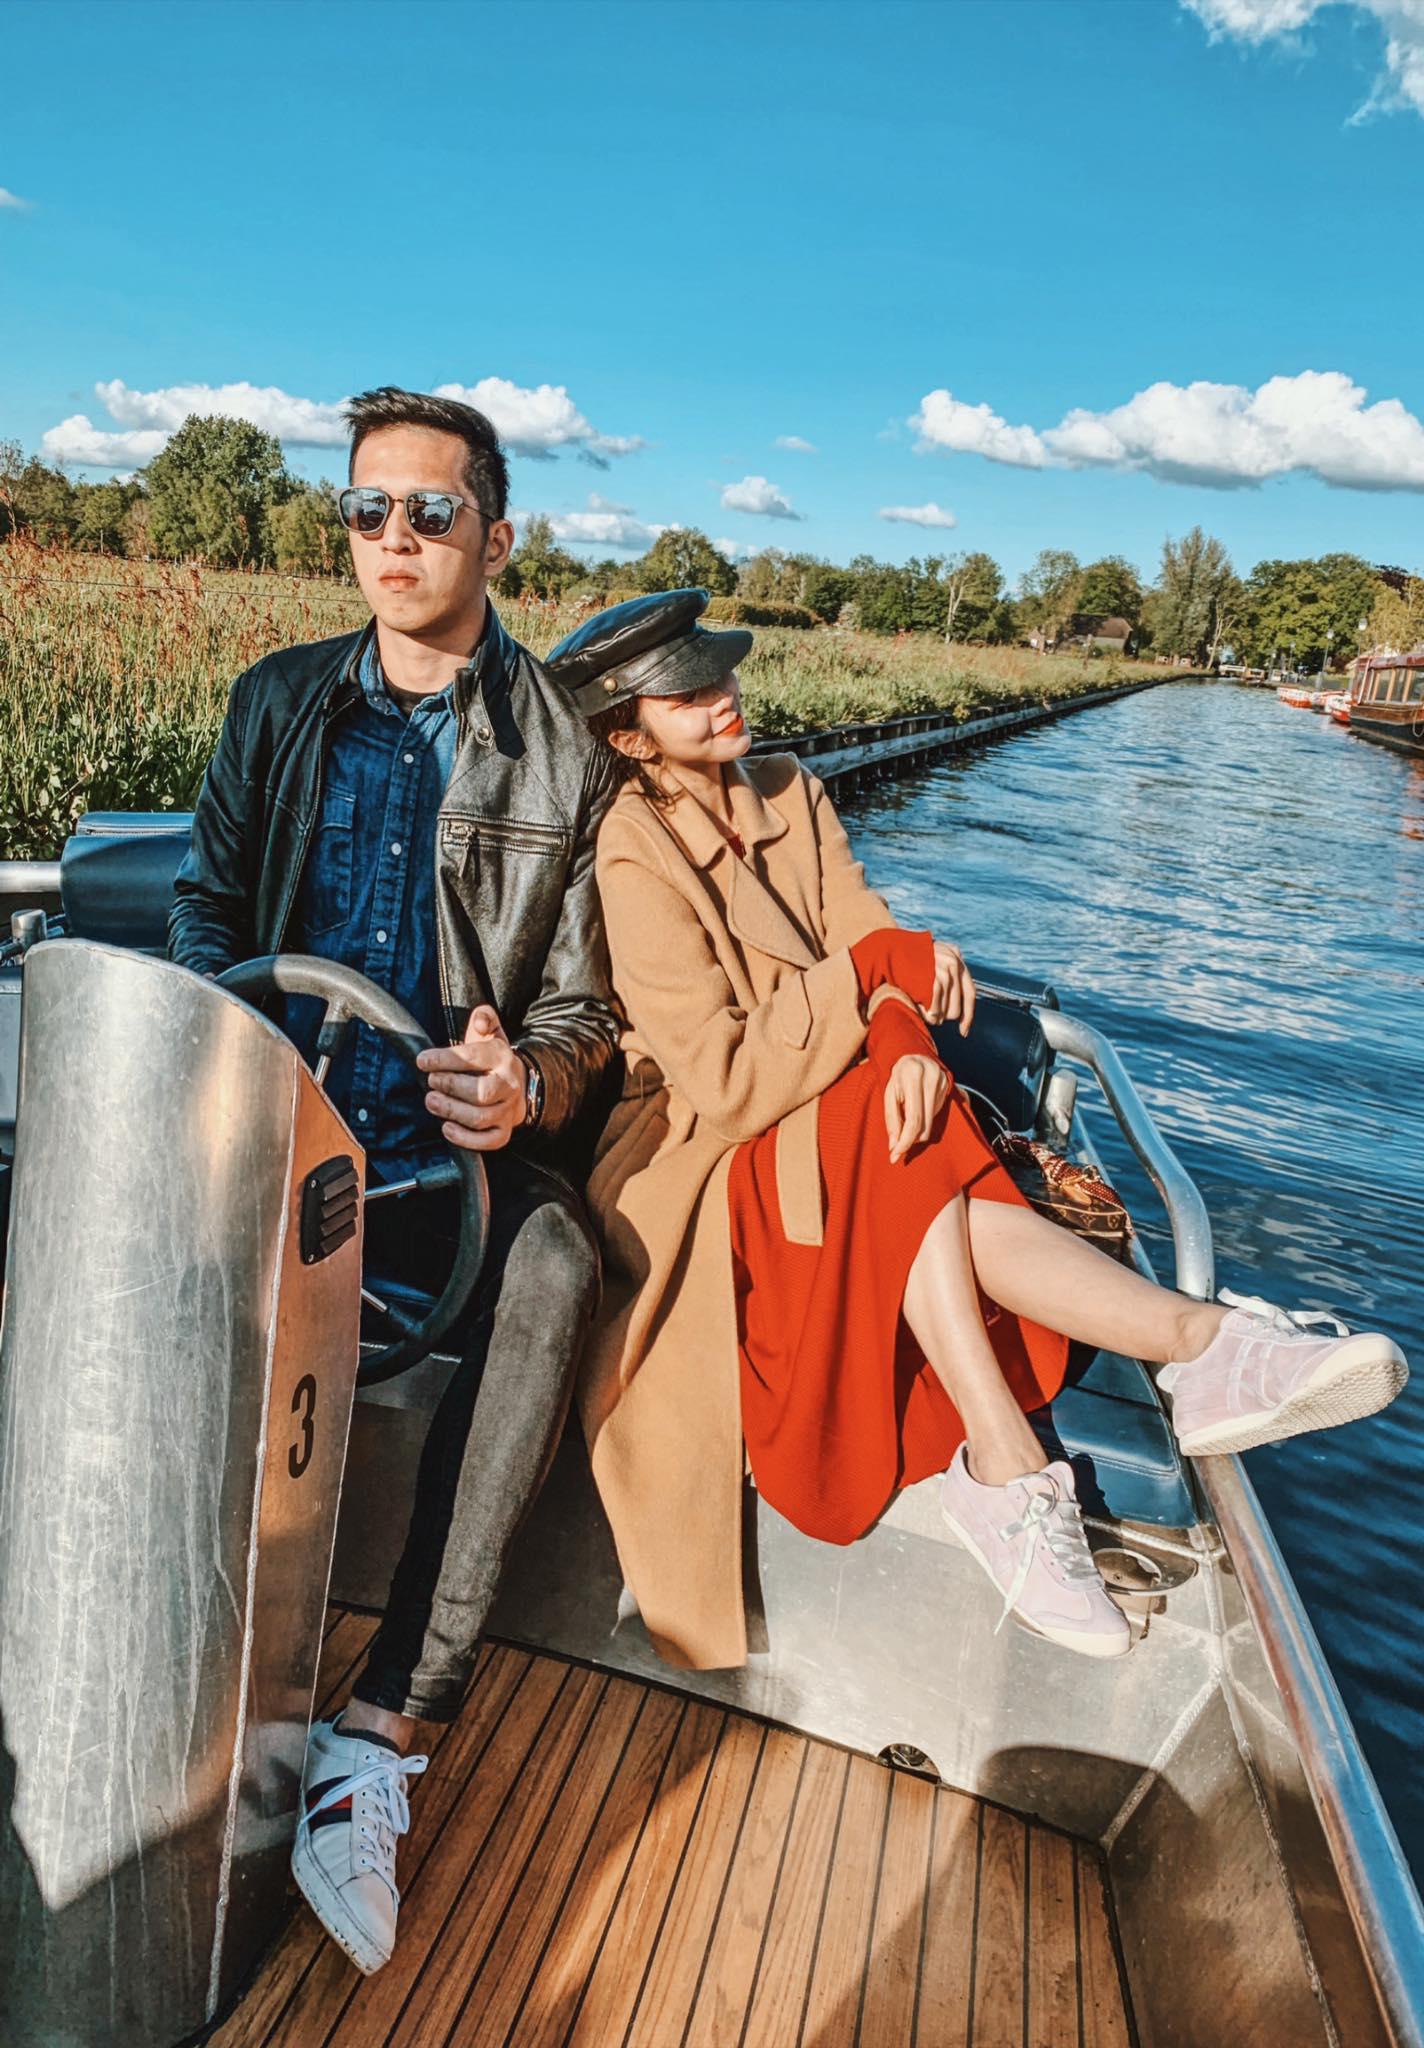 ▲阿姆斯特丹的羊角村可以搭船欣賞風景,唐葳認為很值得一遊。